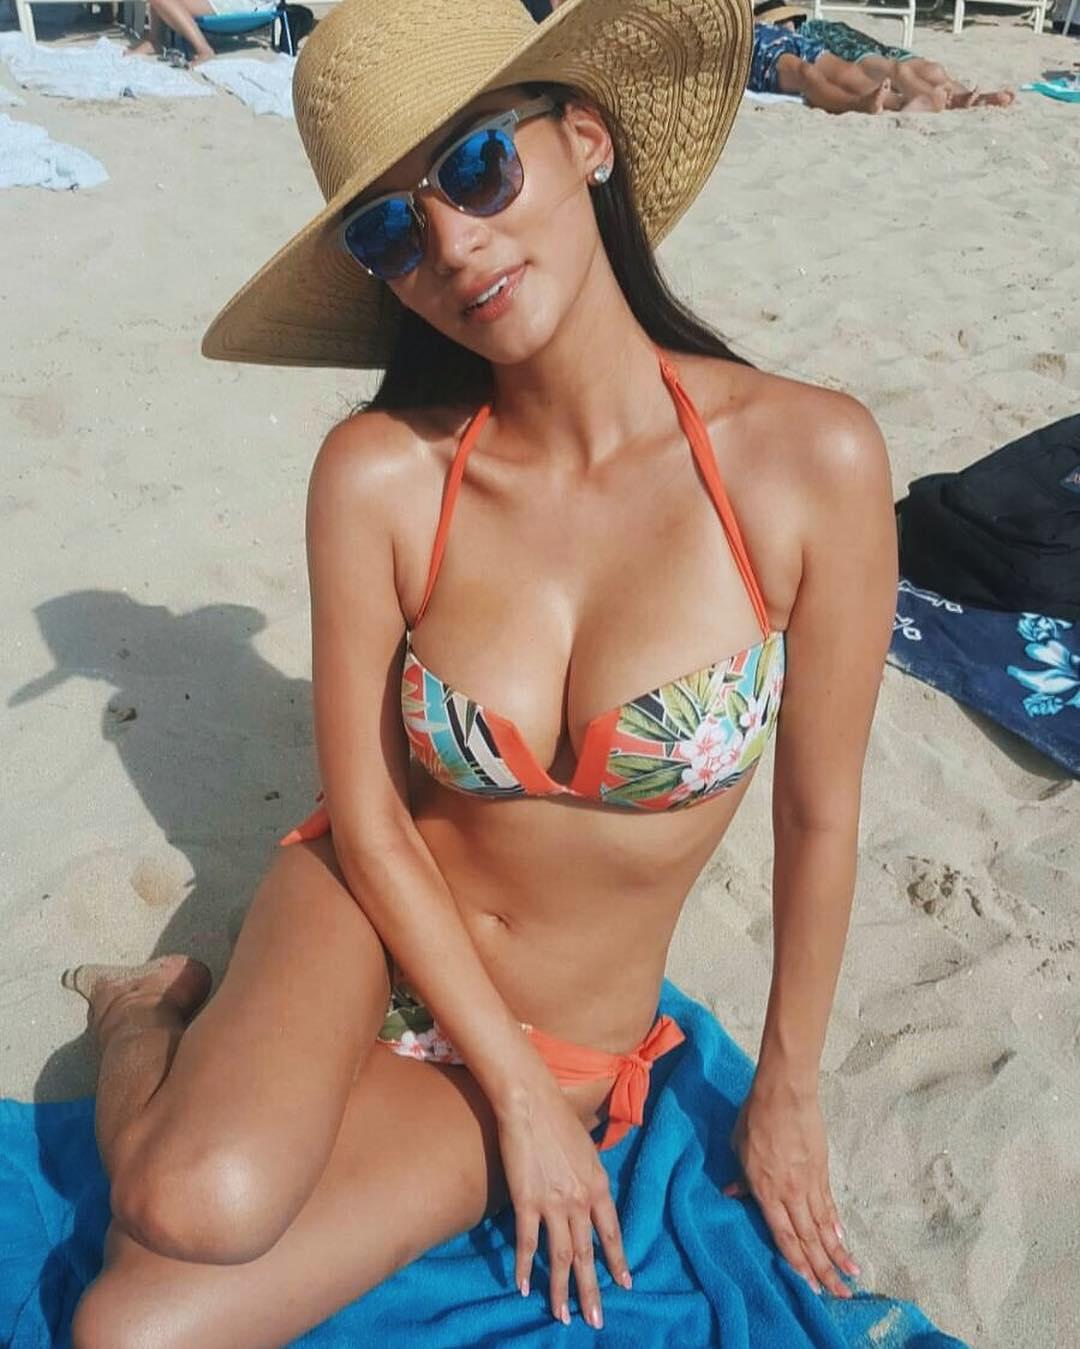 pia wurtzbach sexy bikini photos